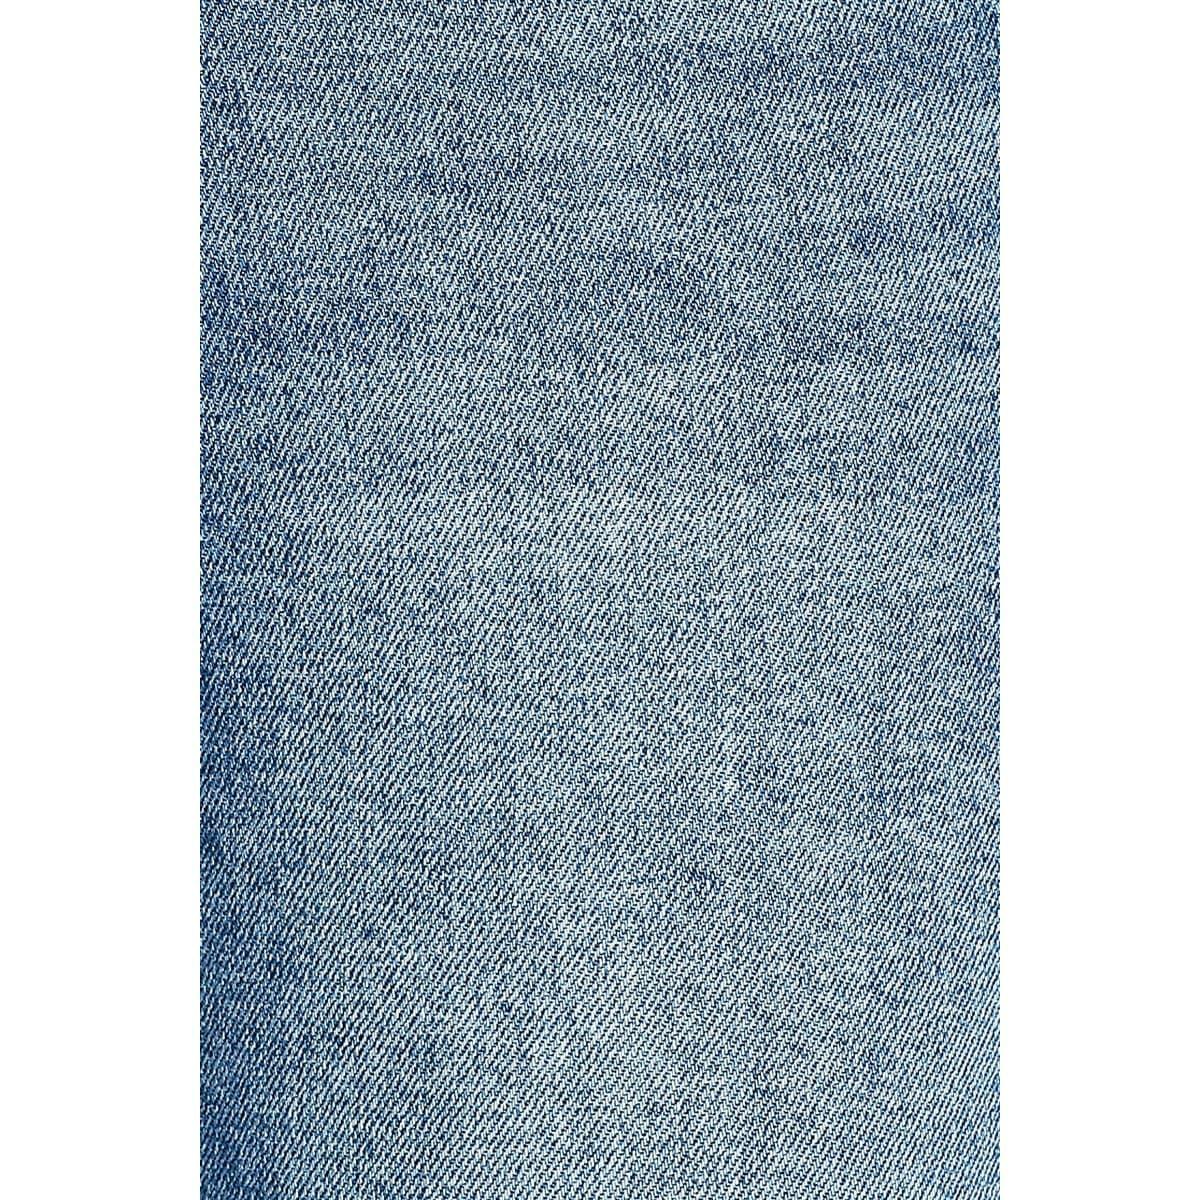 Tess MID Blue 90S Str